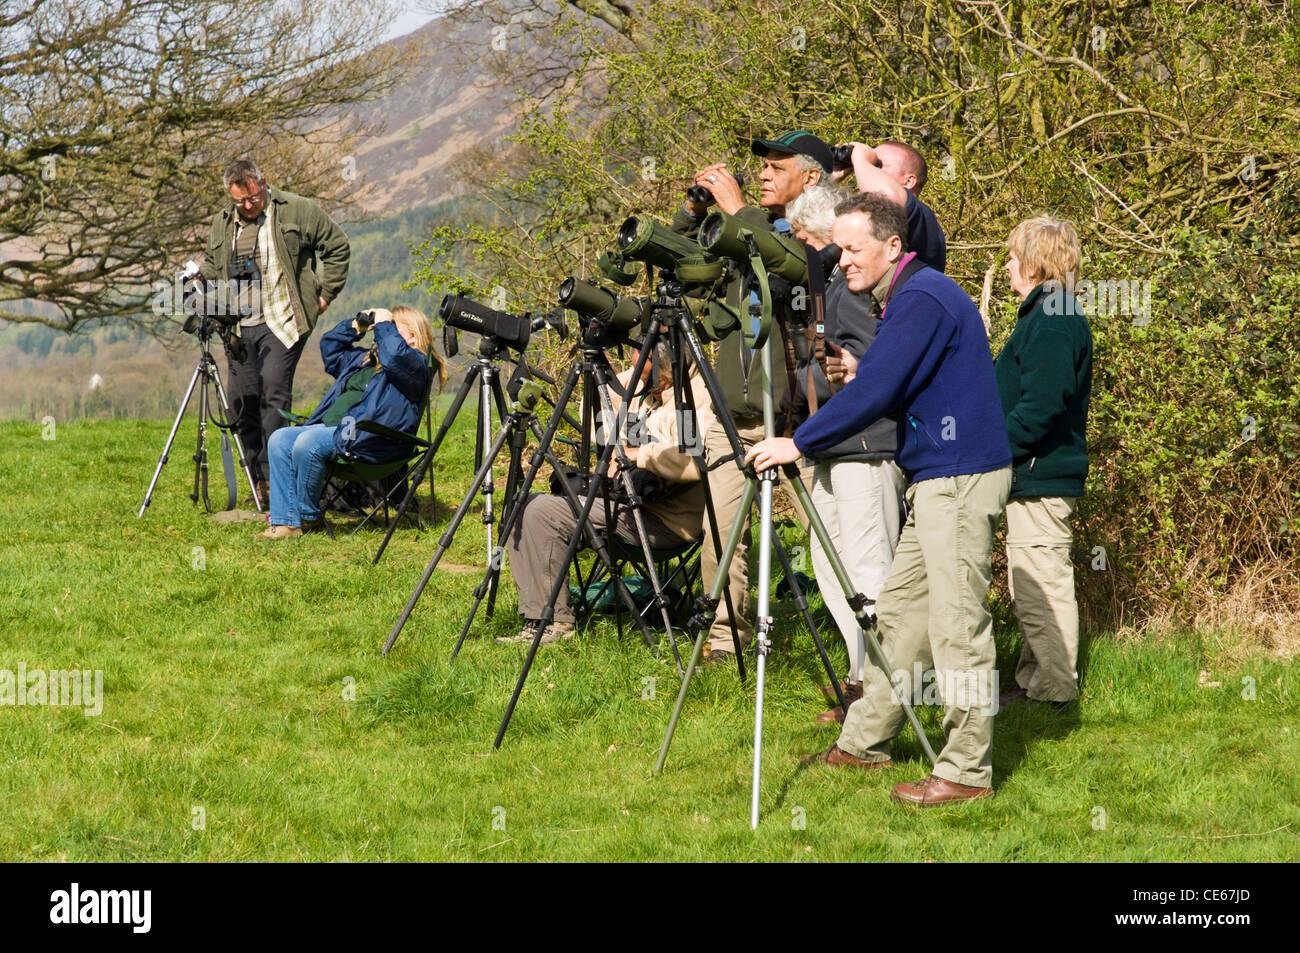 Gruppe von ornithologen twitchers vogelbeobachtung durch spektive